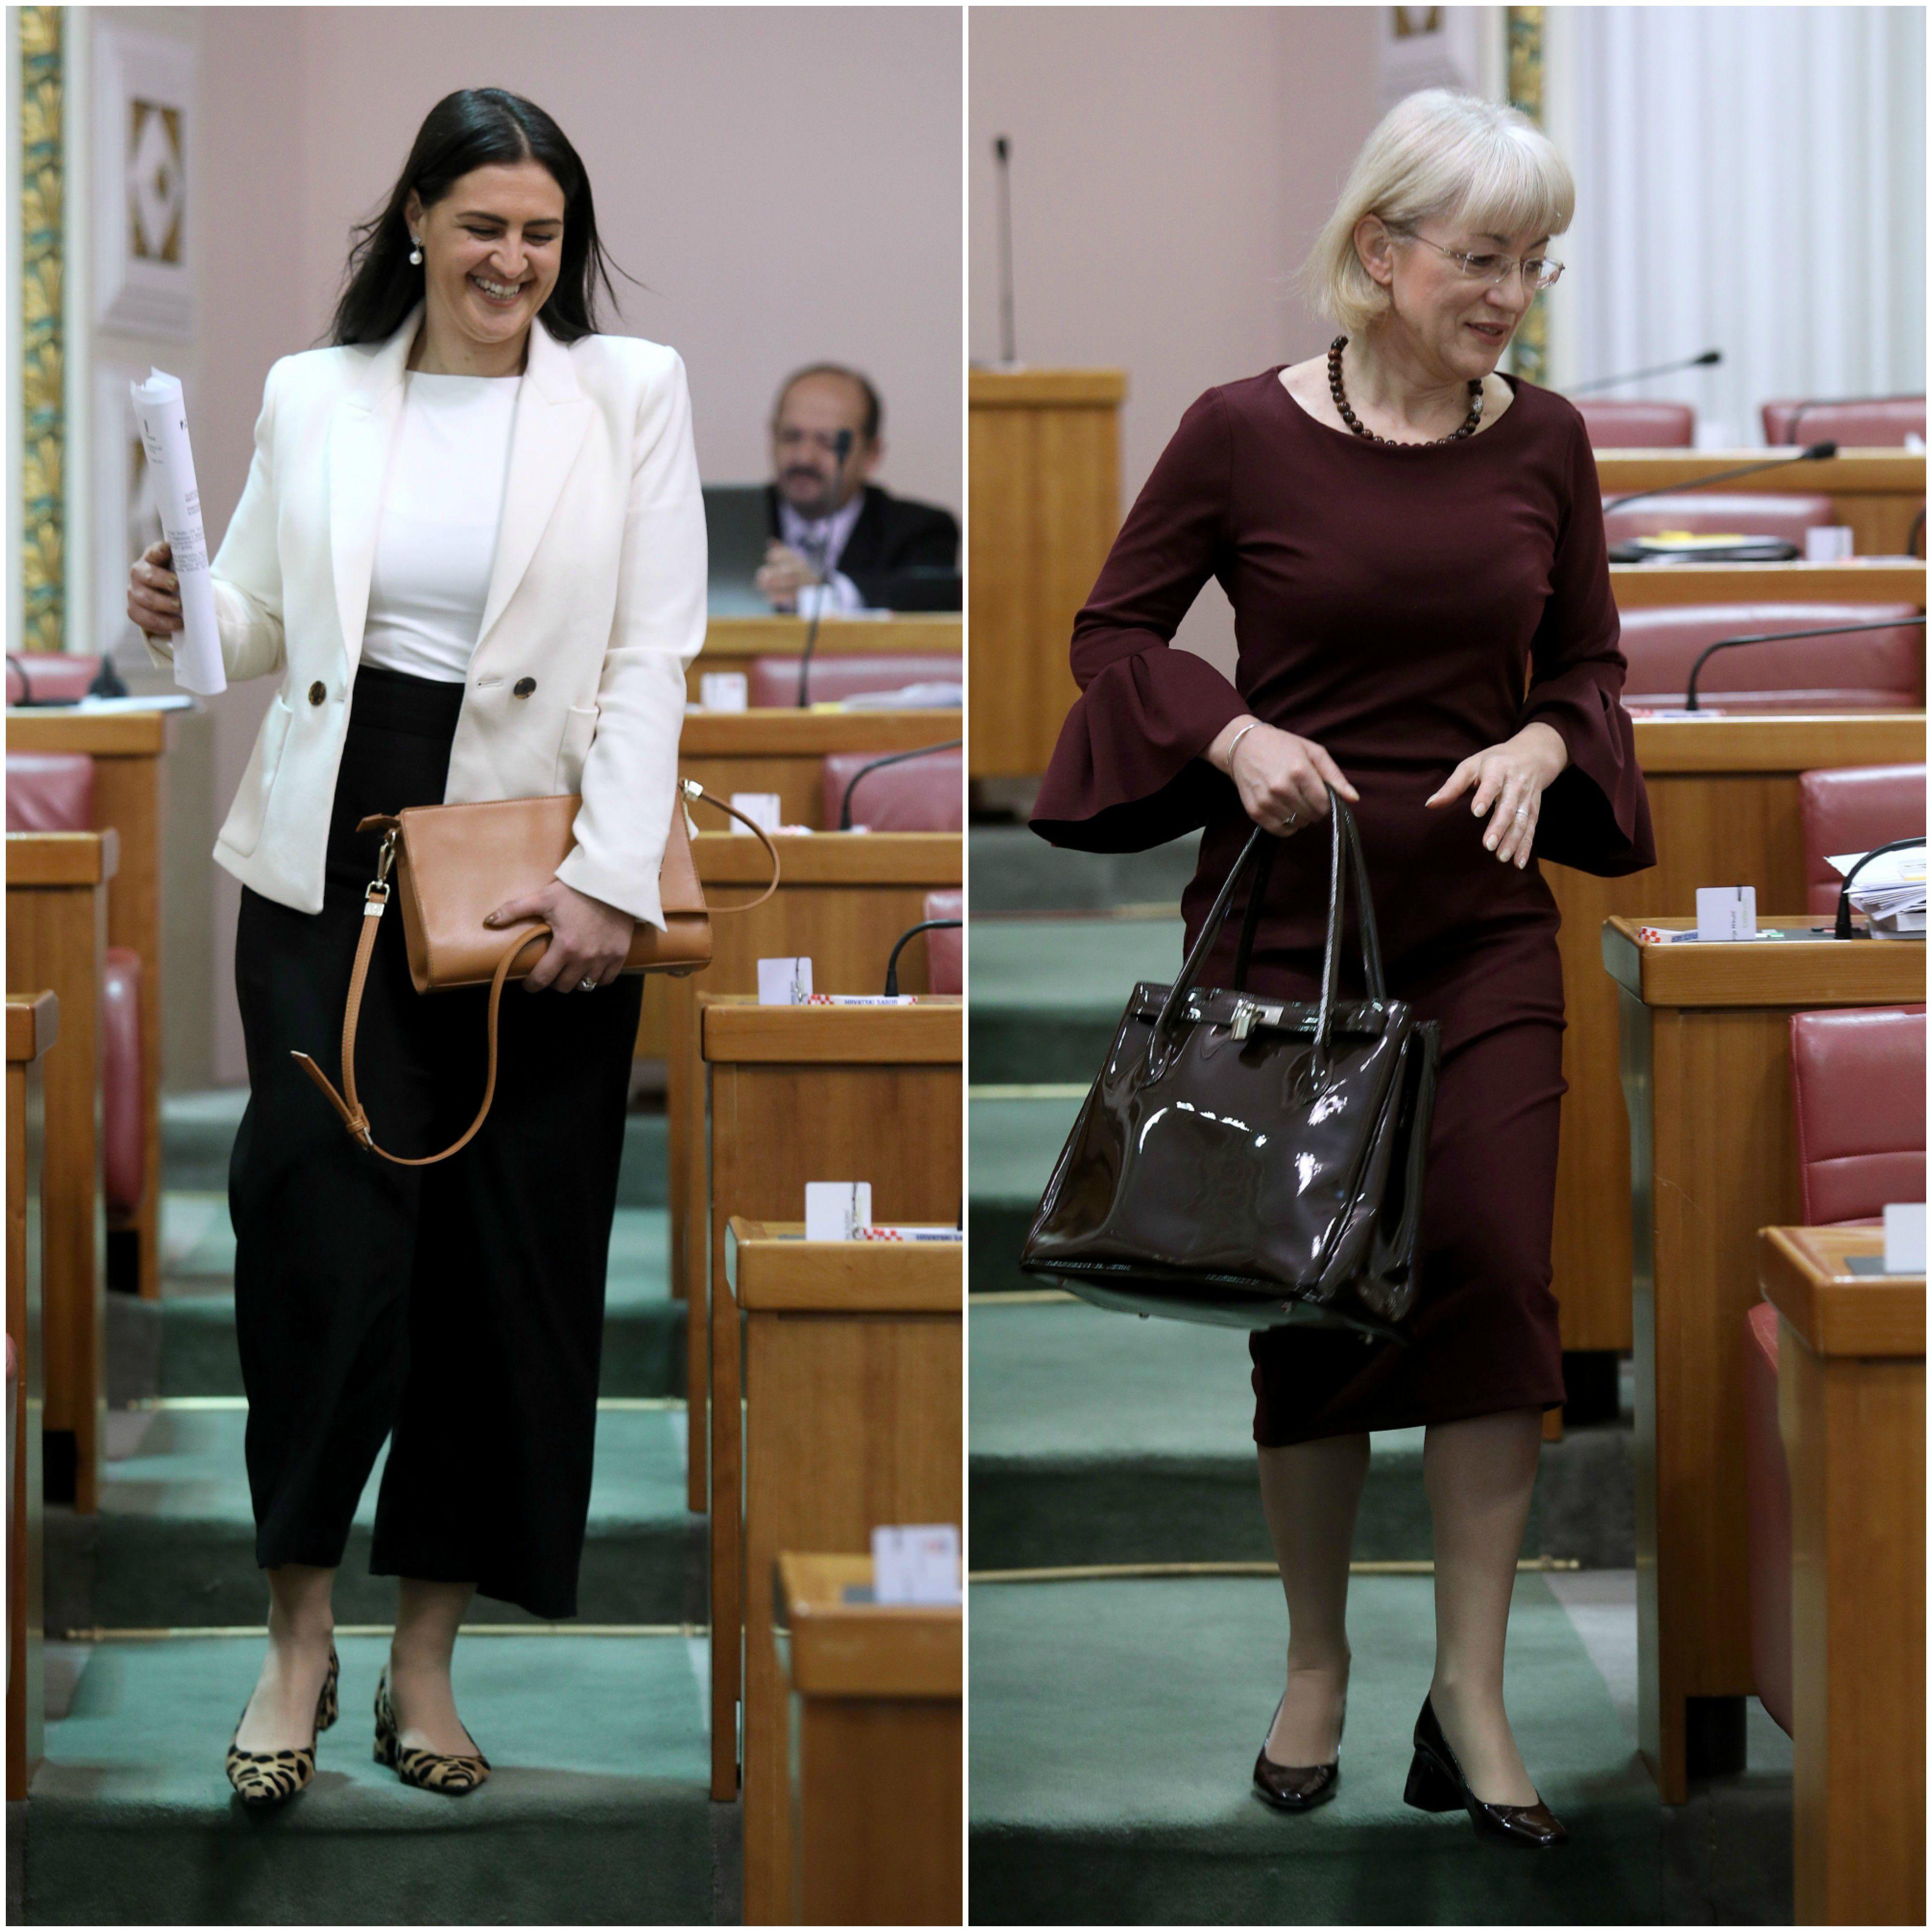 Modni dvoboj u saborskim klupama: Ivana Ninčević-Lesandrić i Vesna Bedeković pojavile se u proljetnim kombinacijama